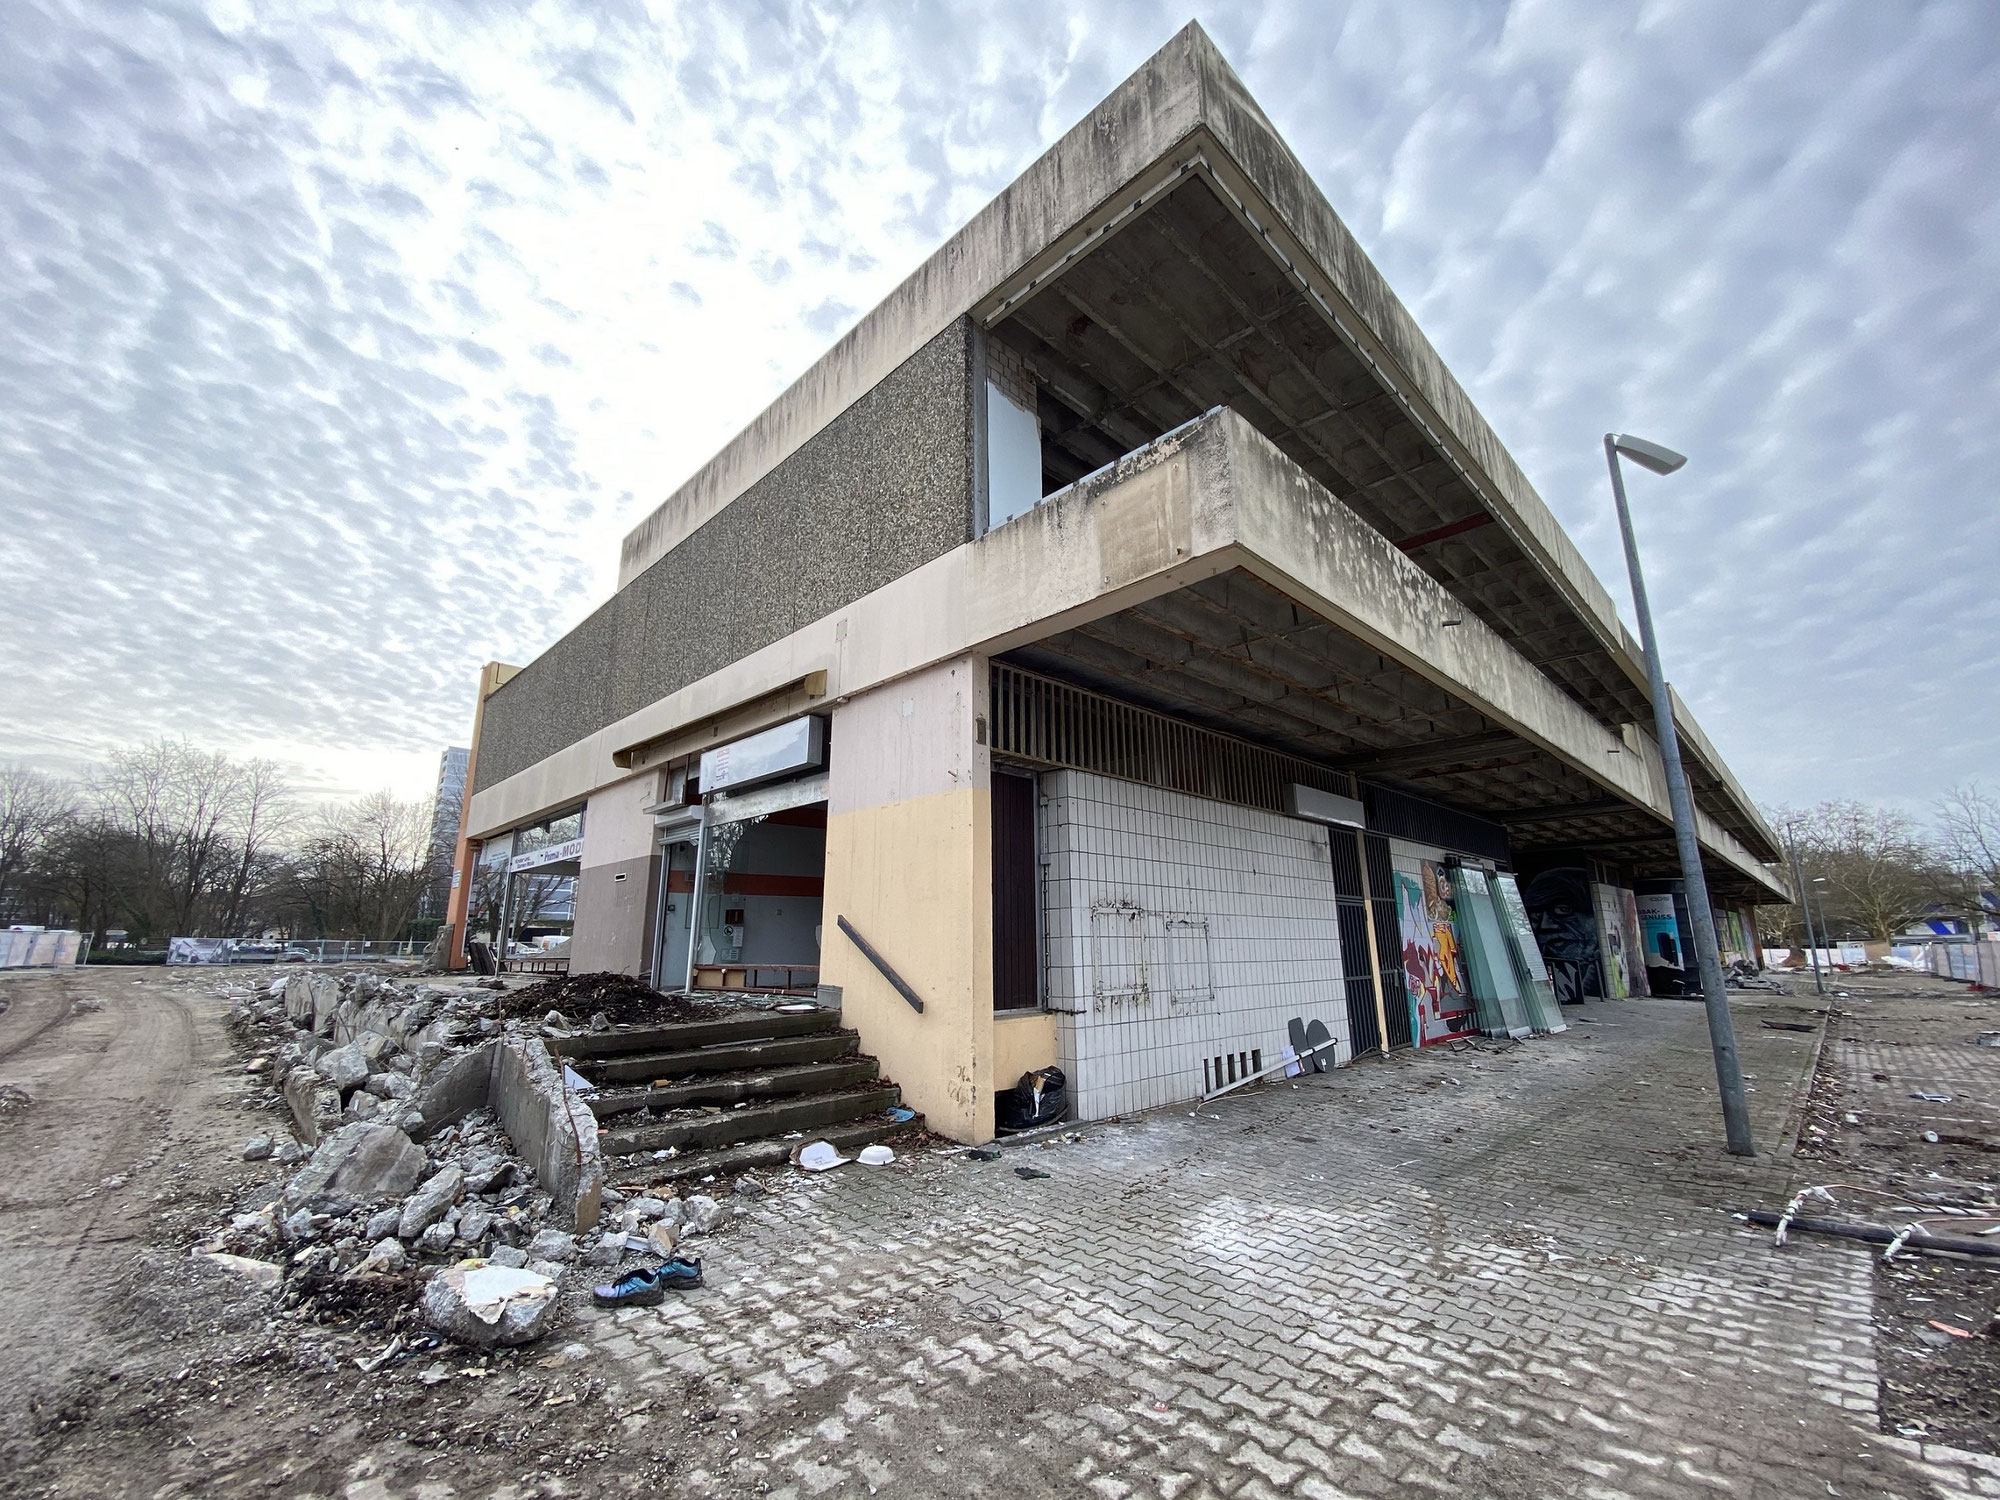 Eindrücke vom Abriss des Einkaufszentrum Freiburg Landwasser